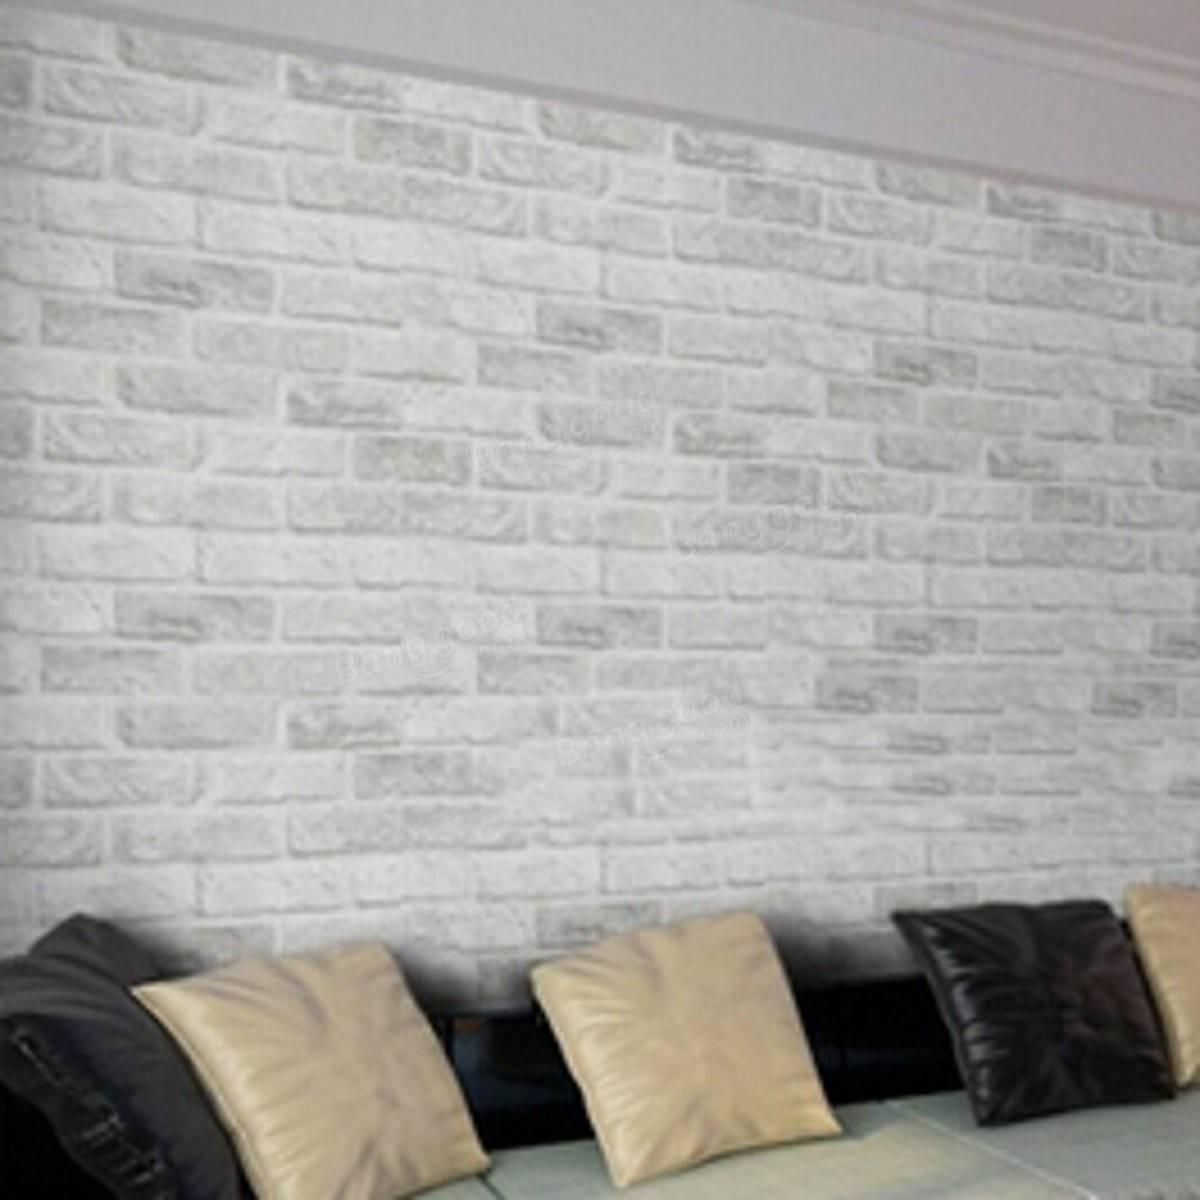 بالصور ورق جدران رمادي , رداء الحائط الرمادى 6433 7